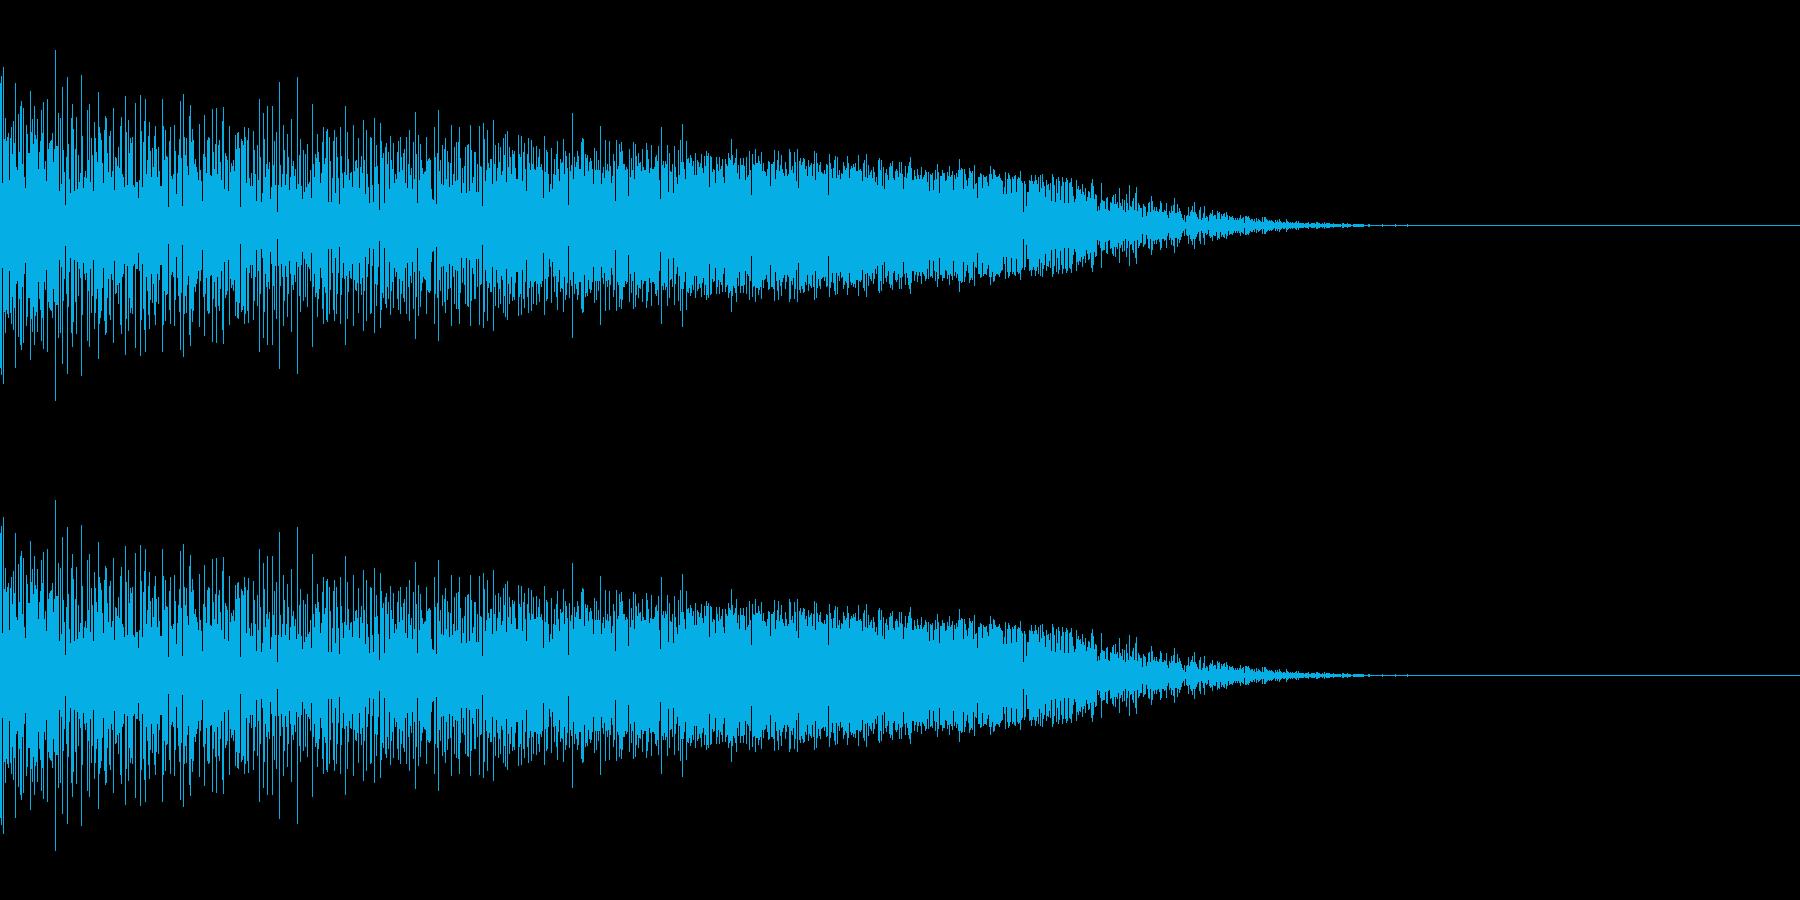 シュッ(スワイプ/ジャンプ/ゲーム)の再生済みの波形